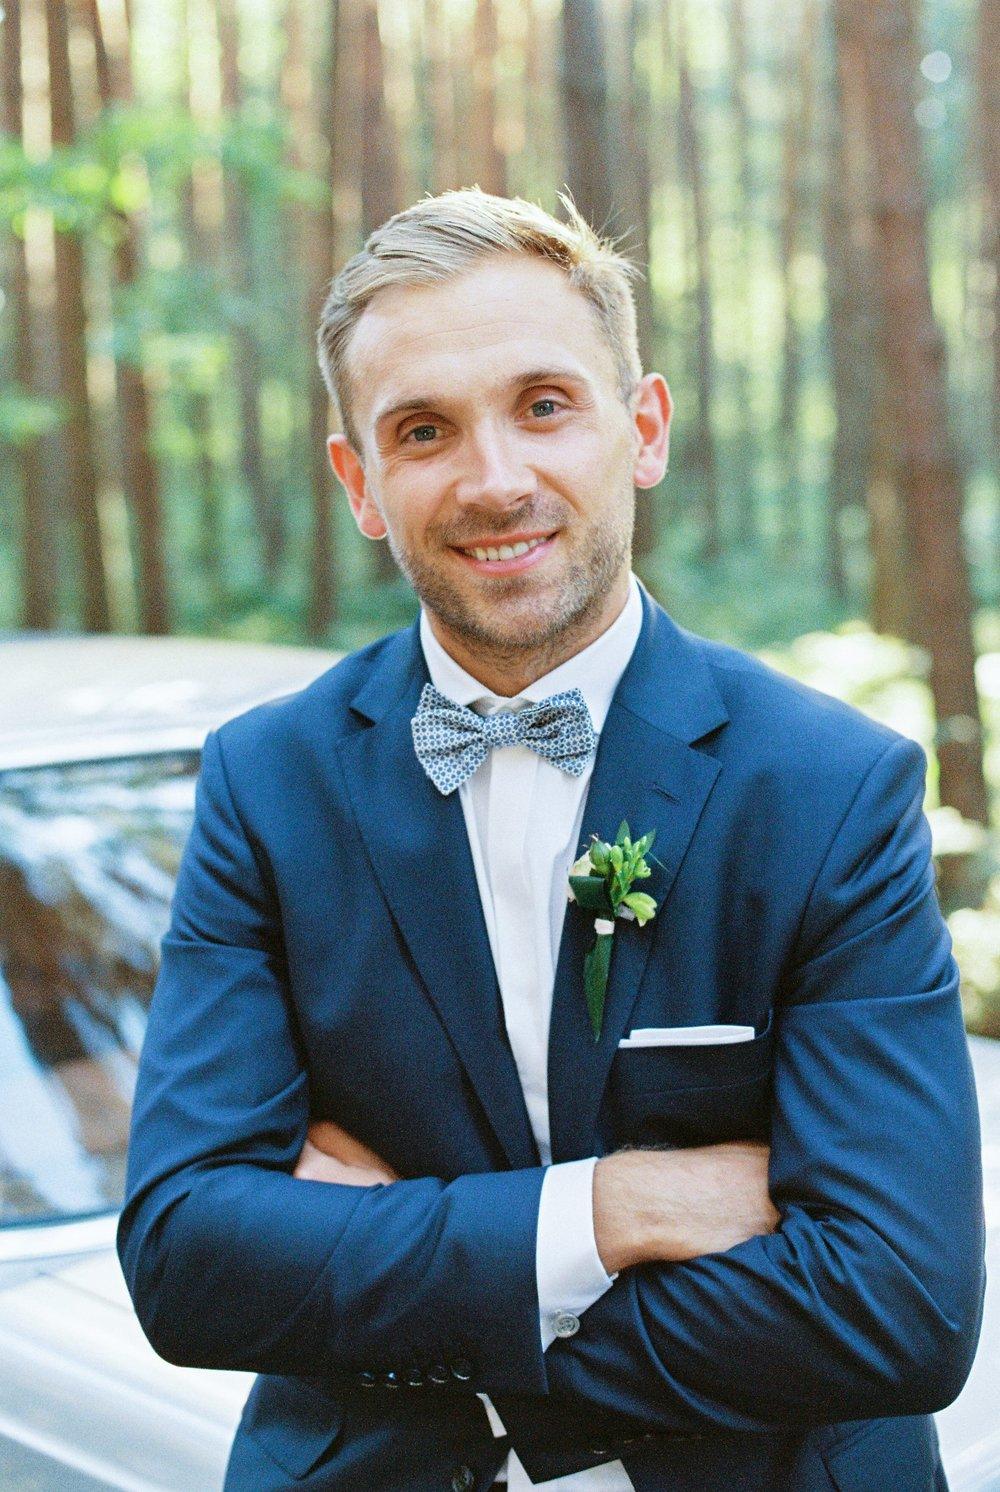 fotograf ślubny Kraków maciej sobol ślubne zdjęcia na kliszy